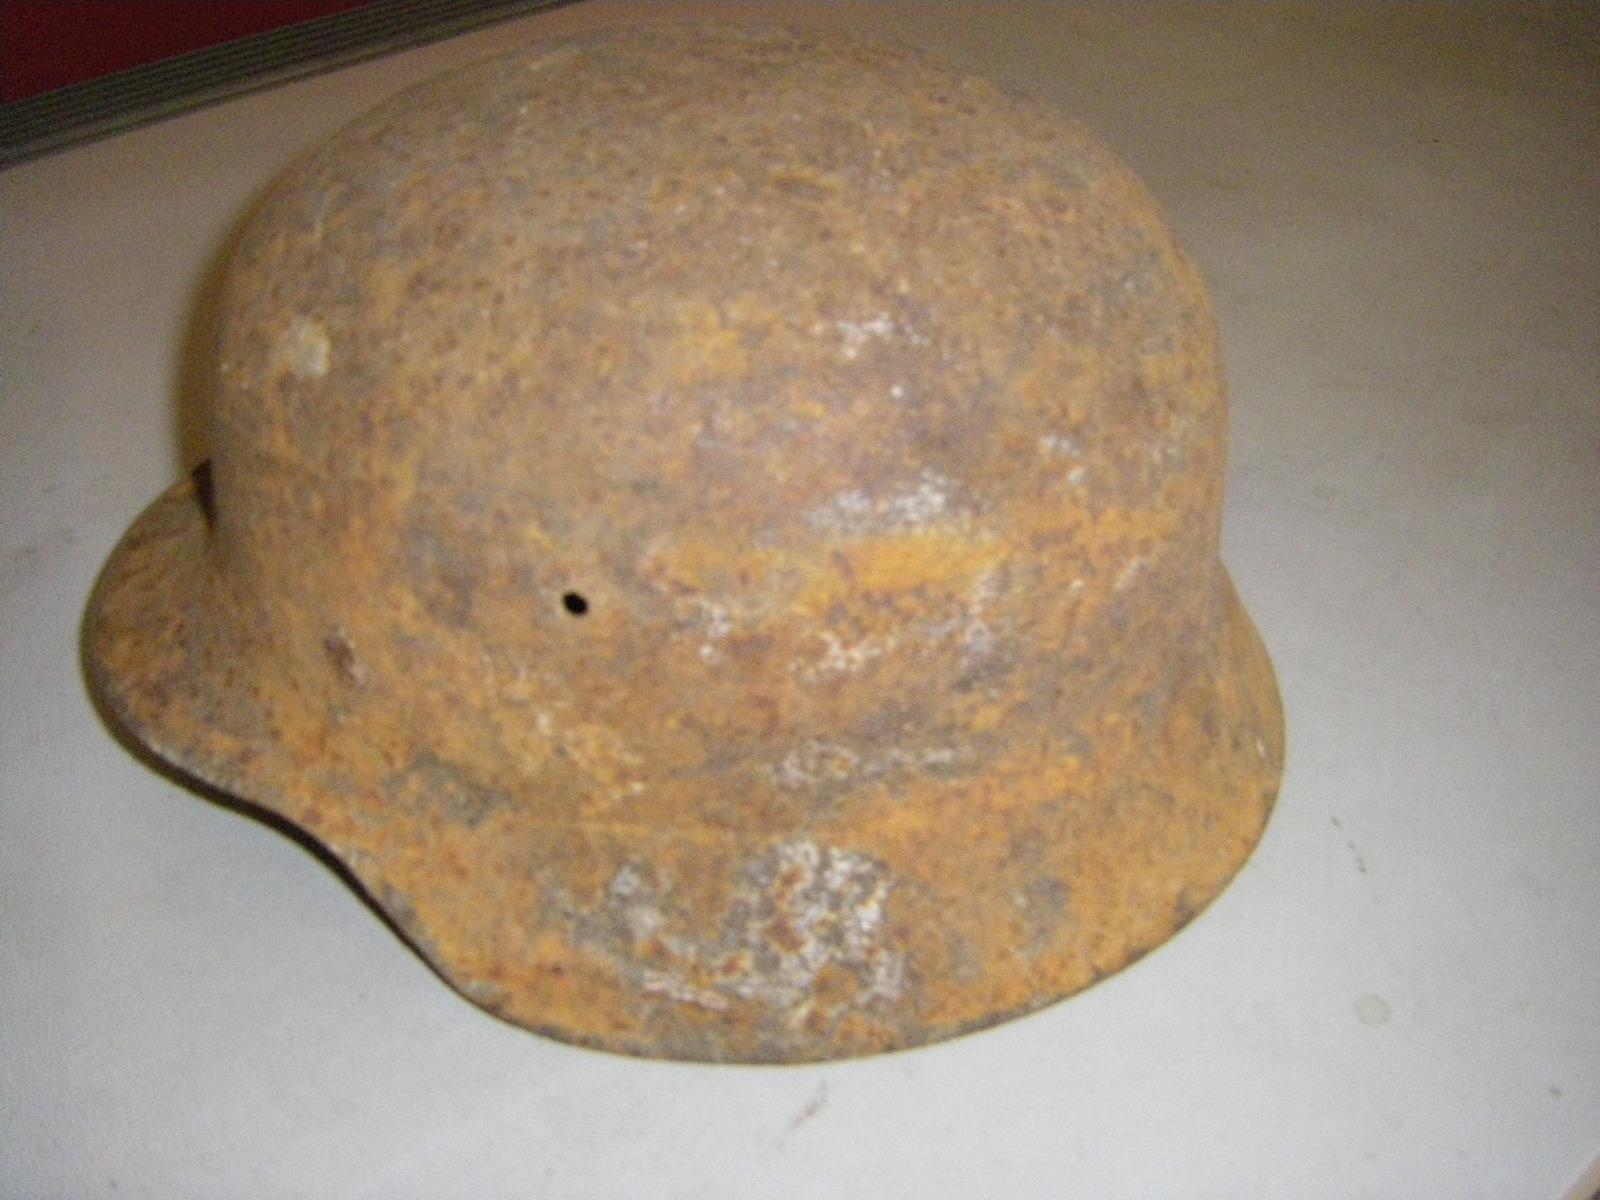 restauration d'un casque - Page 2 Qoizgn